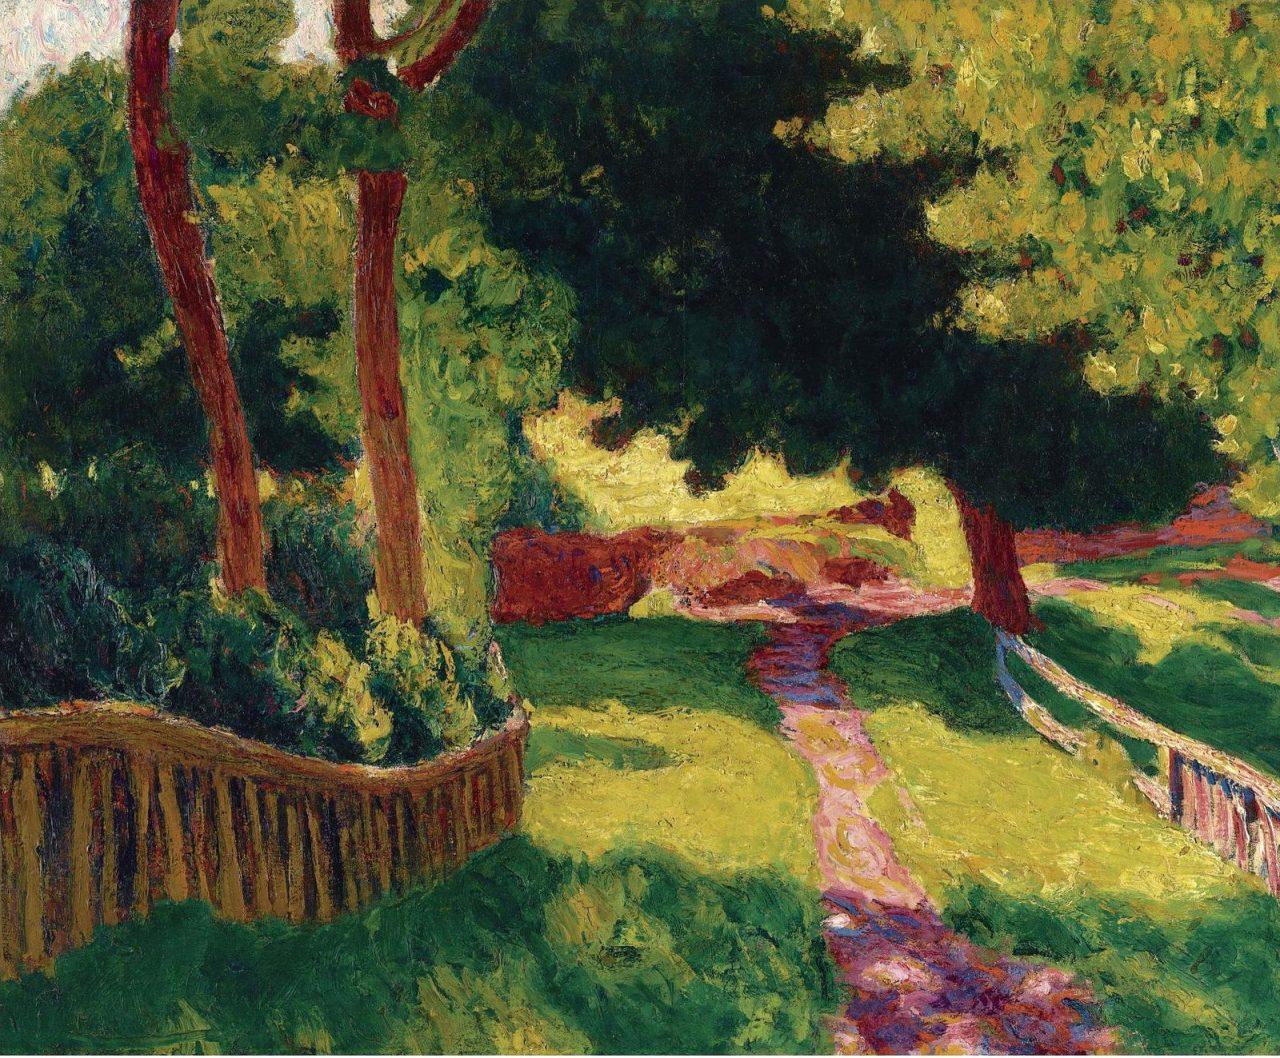 Roderic O'Conor, Sunny Landscape